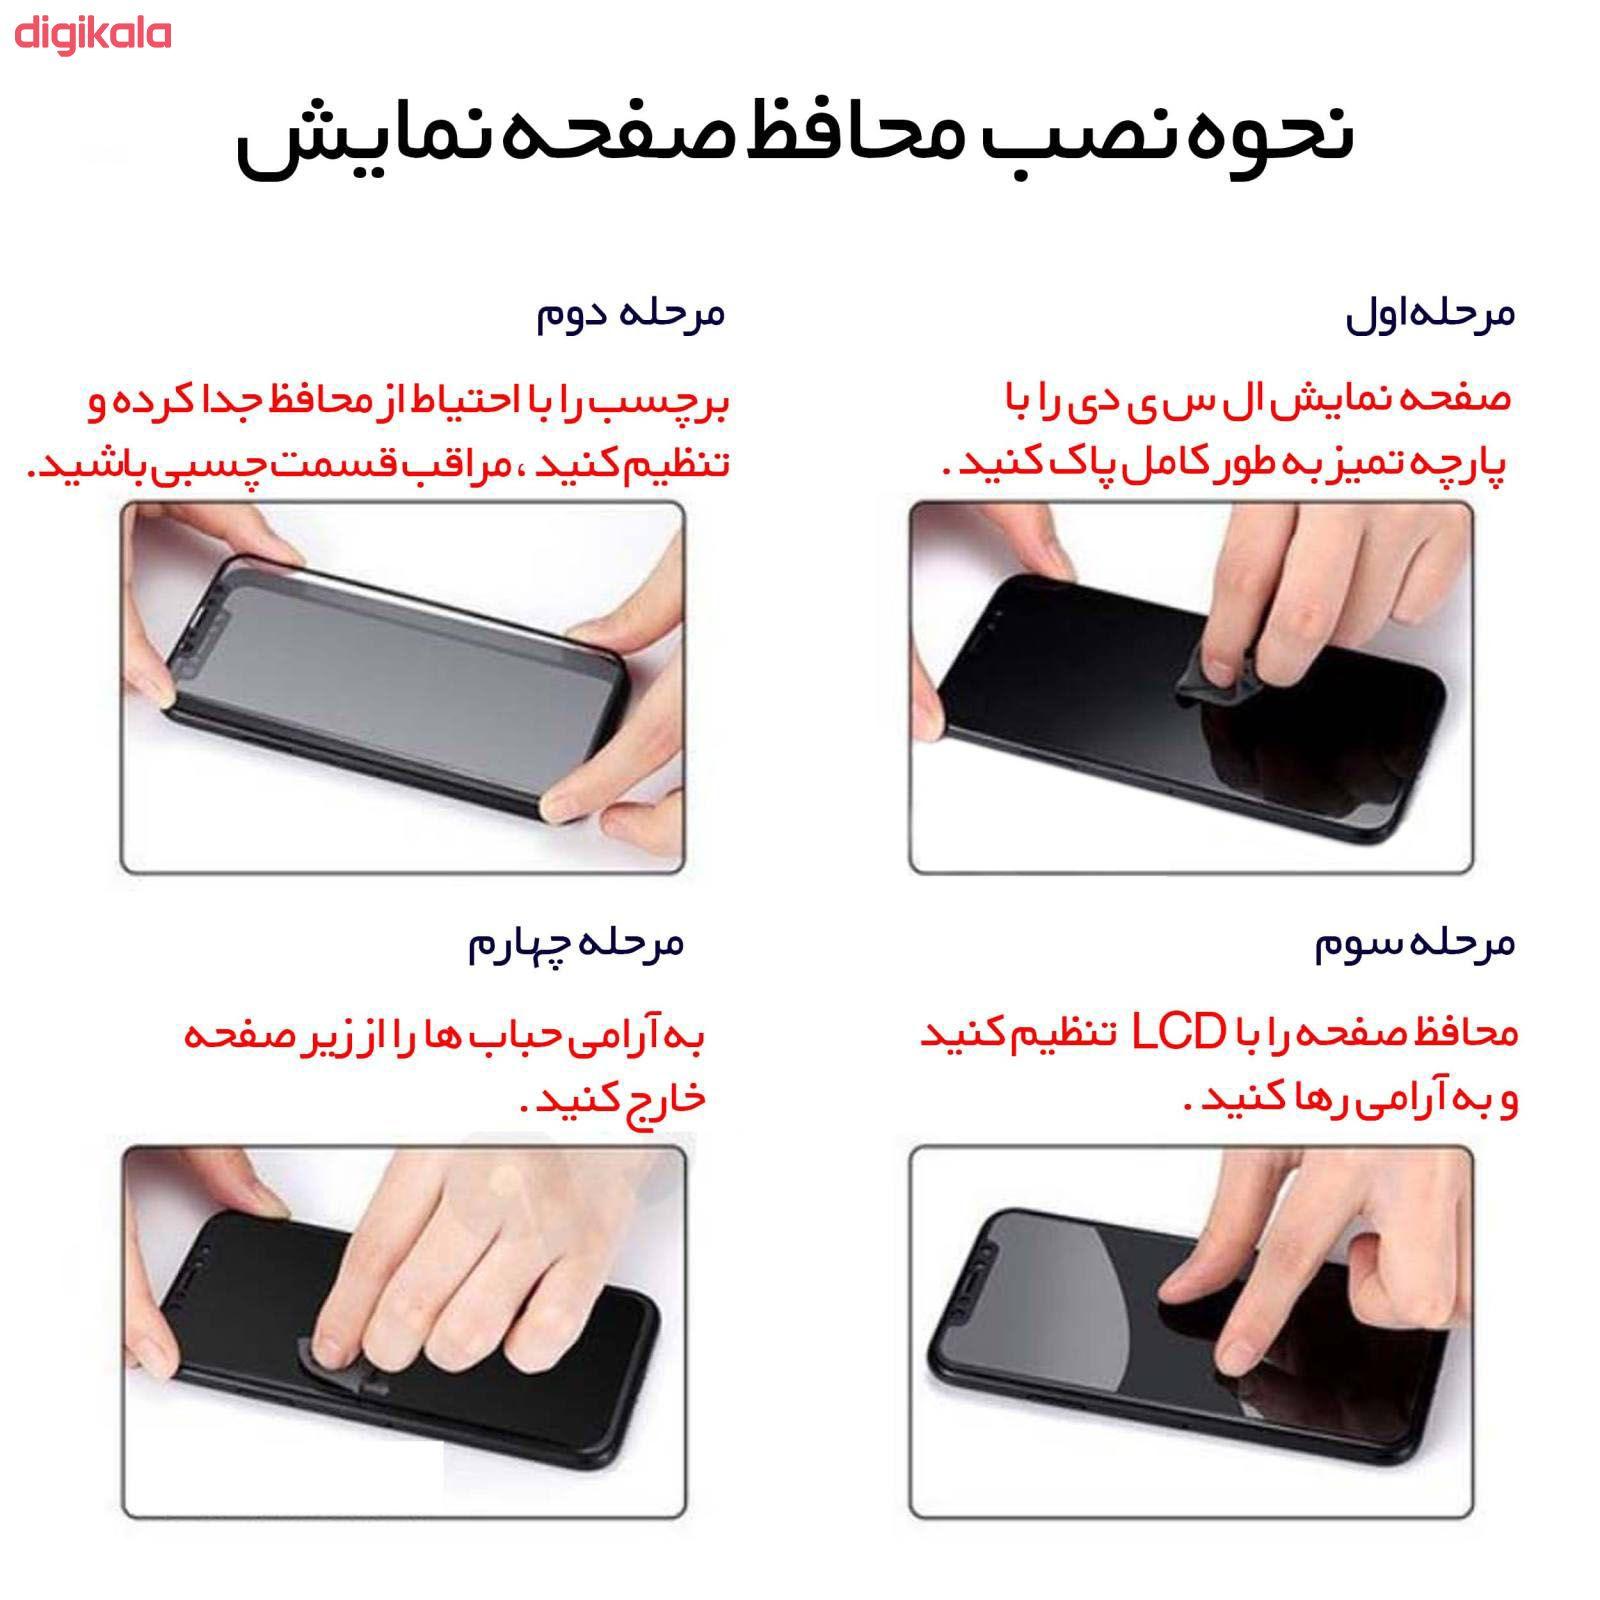 محافظ صفحه نمایش سرامیکی کوالا مدل CER-CL مناسب برای گوشی موبایل نوکیا 3.2 main 1 3